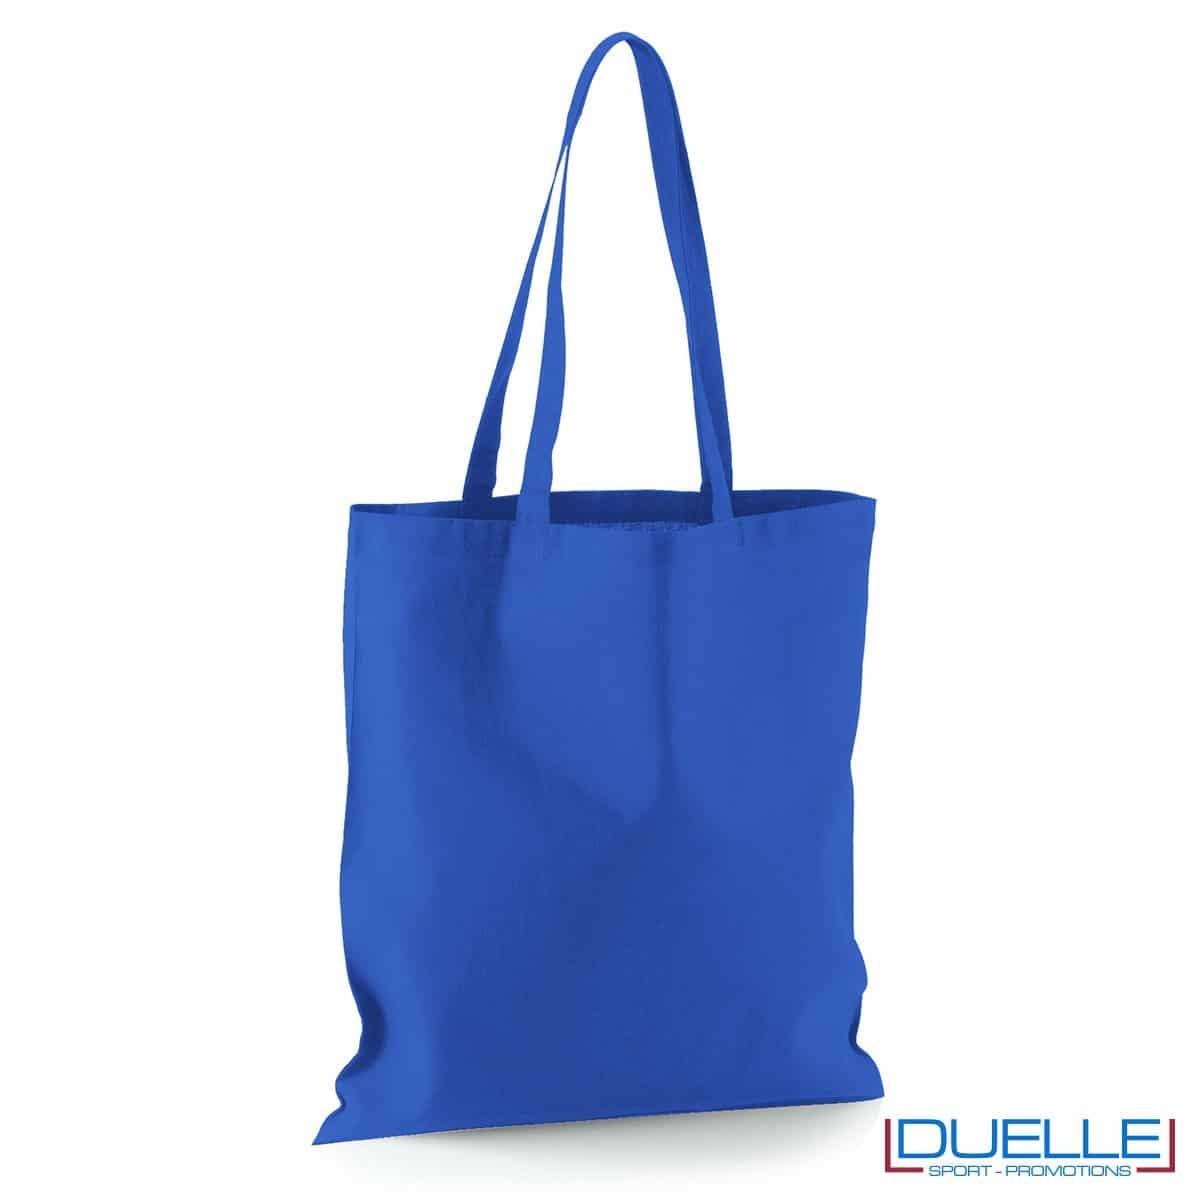 Shopper personalizzata in puro cotone blu royal